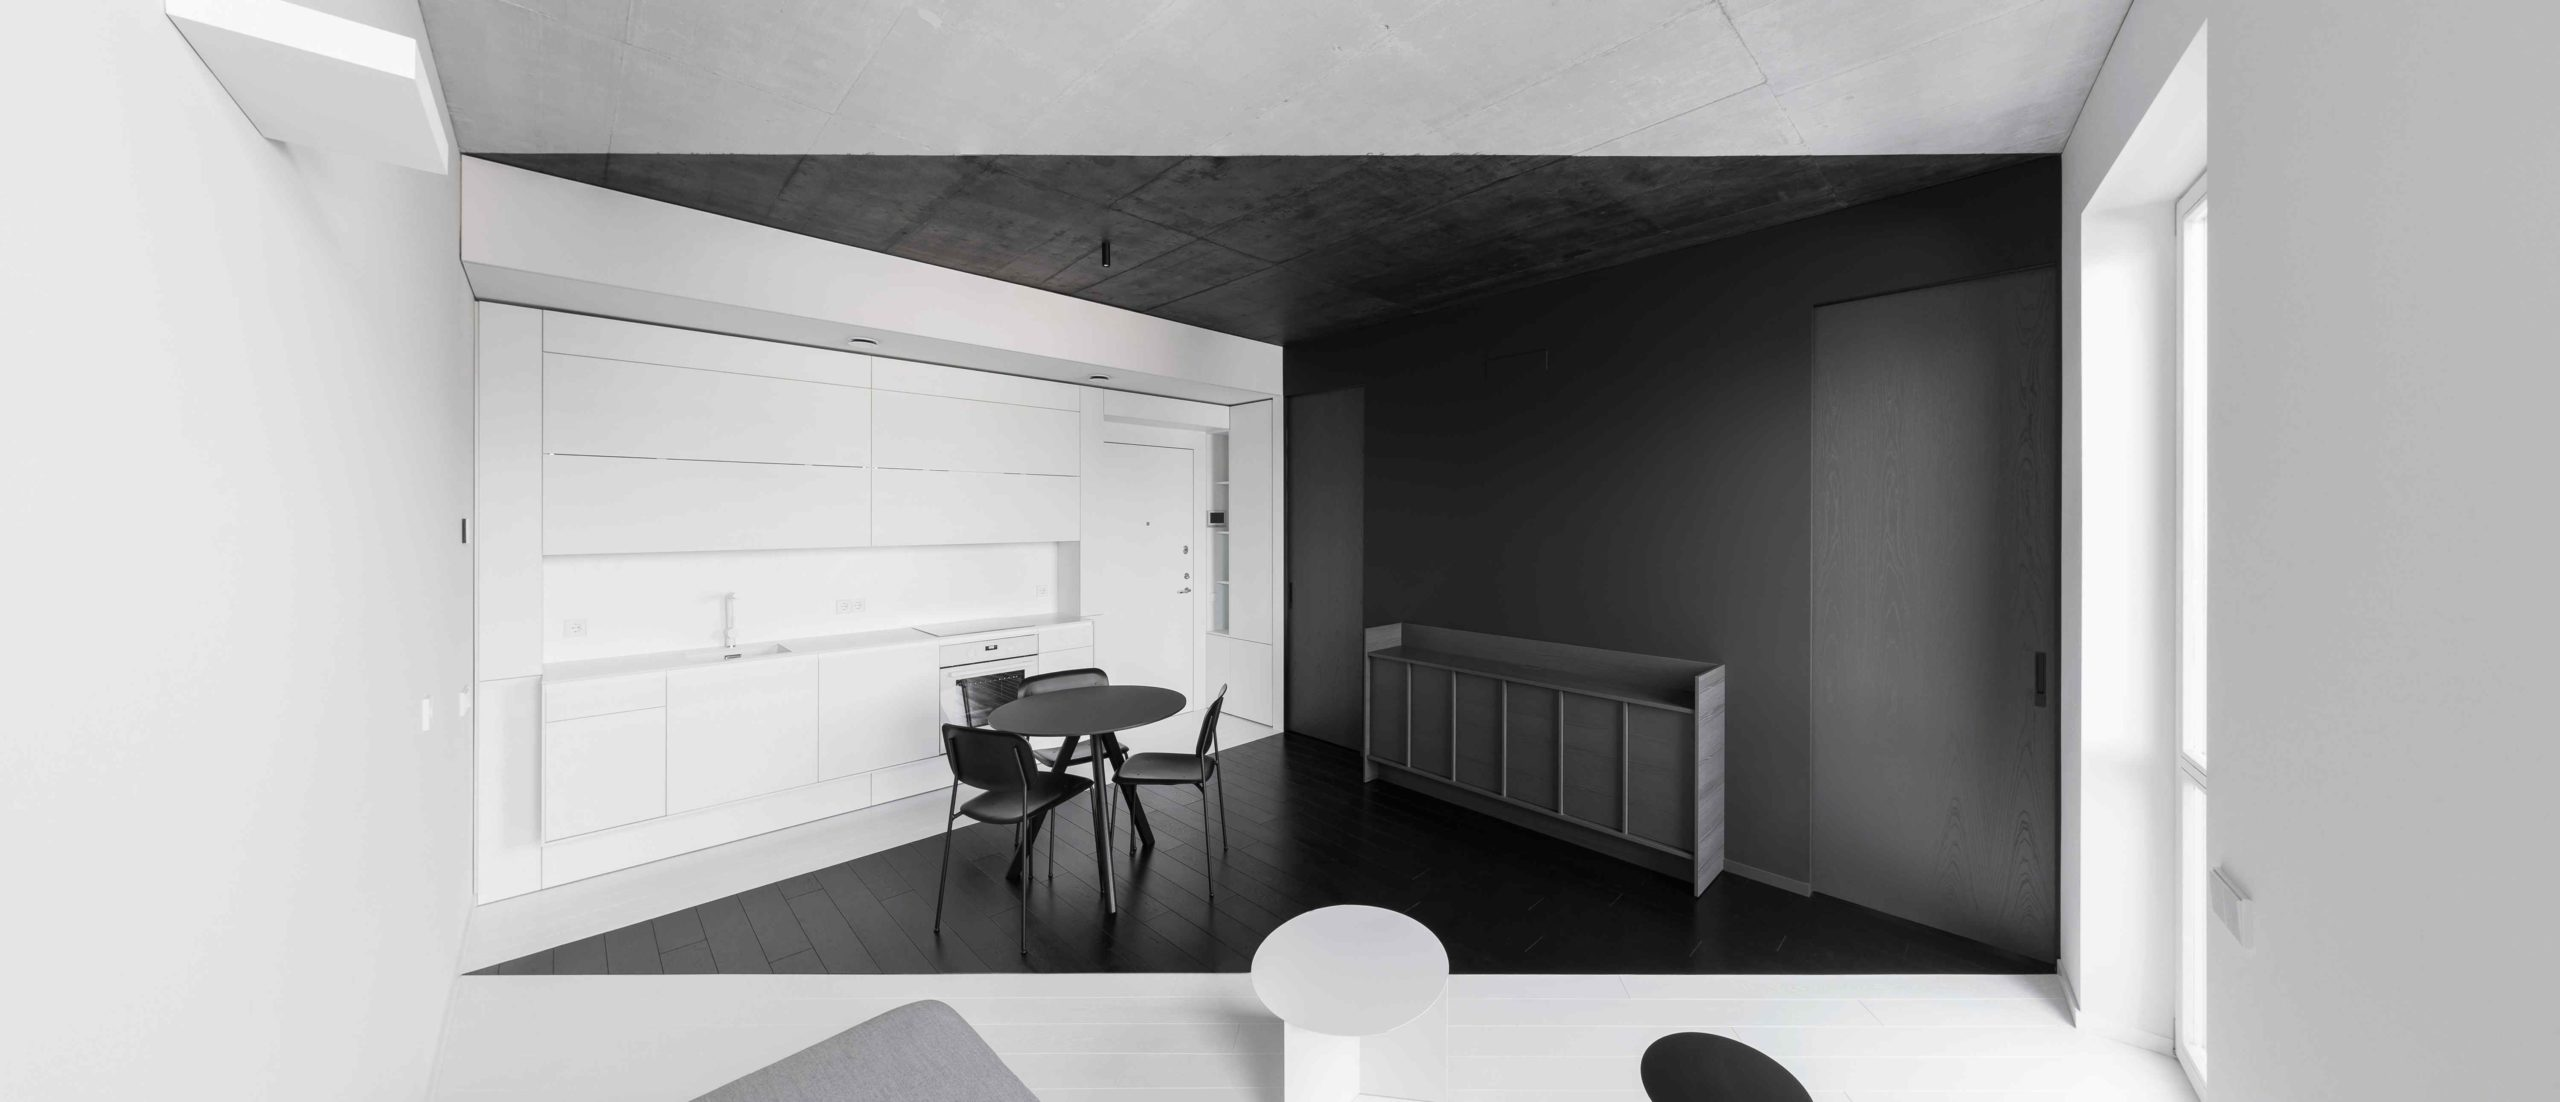 Černobílý interiér bytu